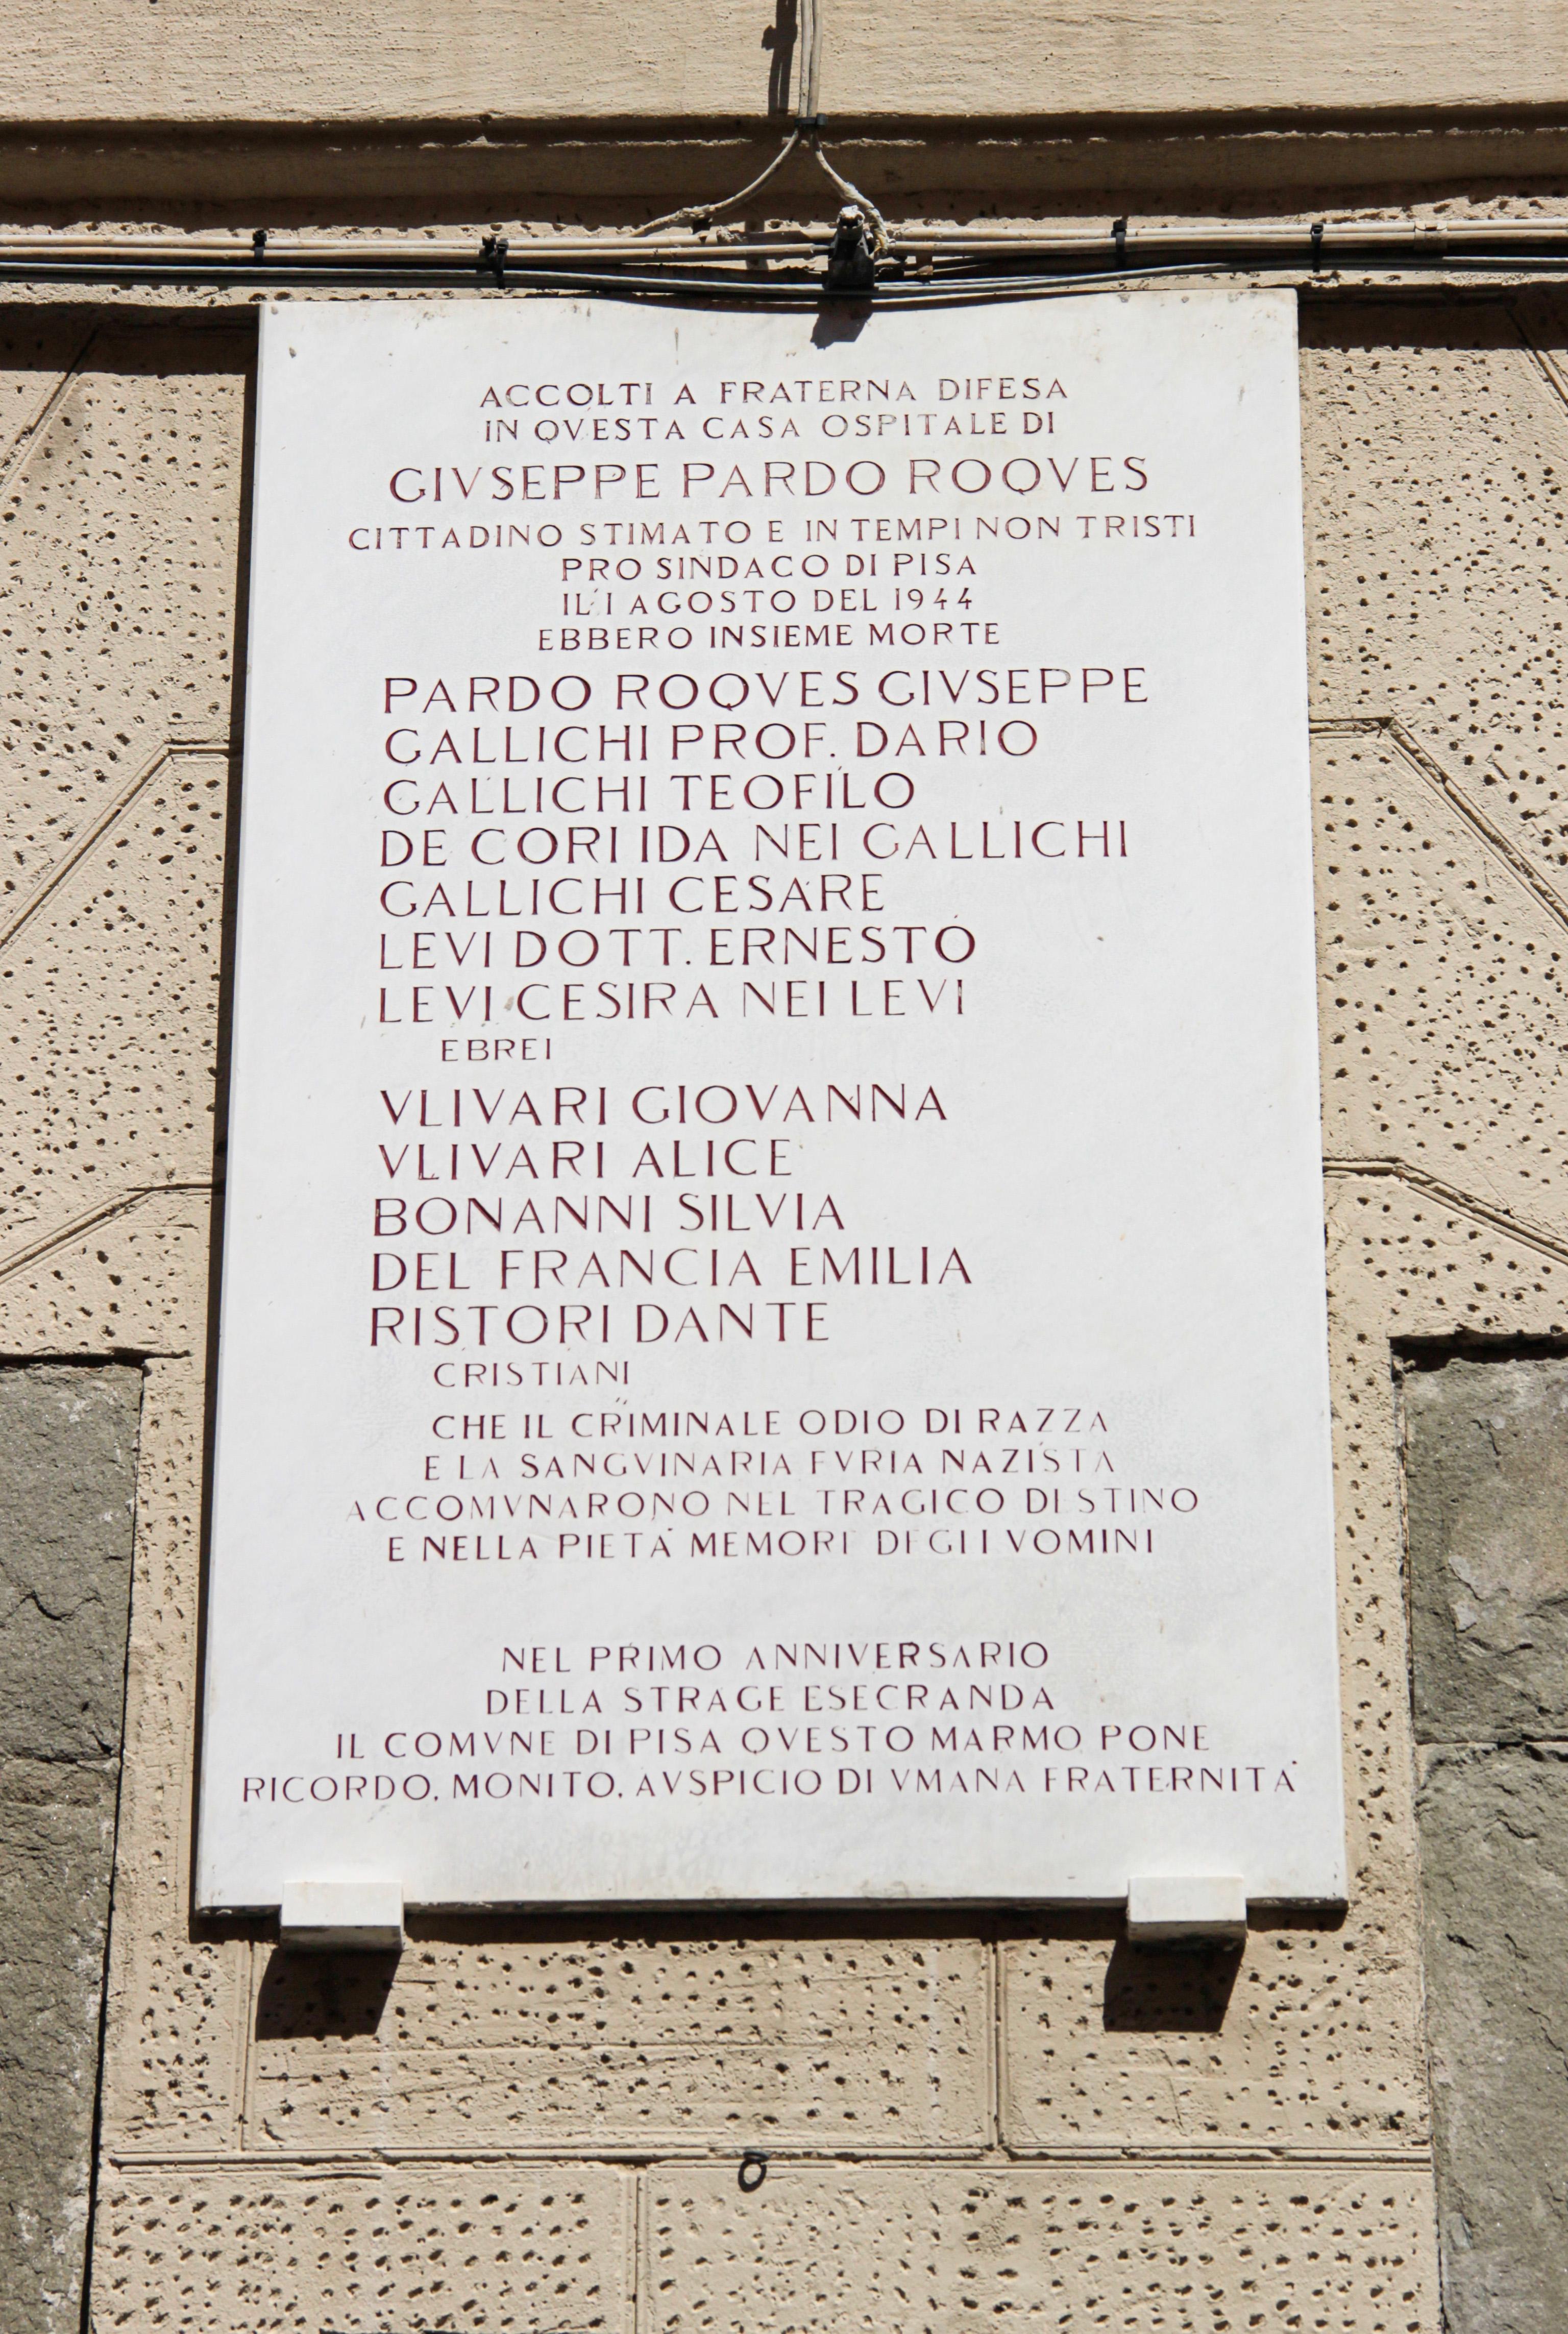 Via S. Andrea, numero 22 lapide - Casa Pardo Roques (G. Bettini, Comune di Pisa)